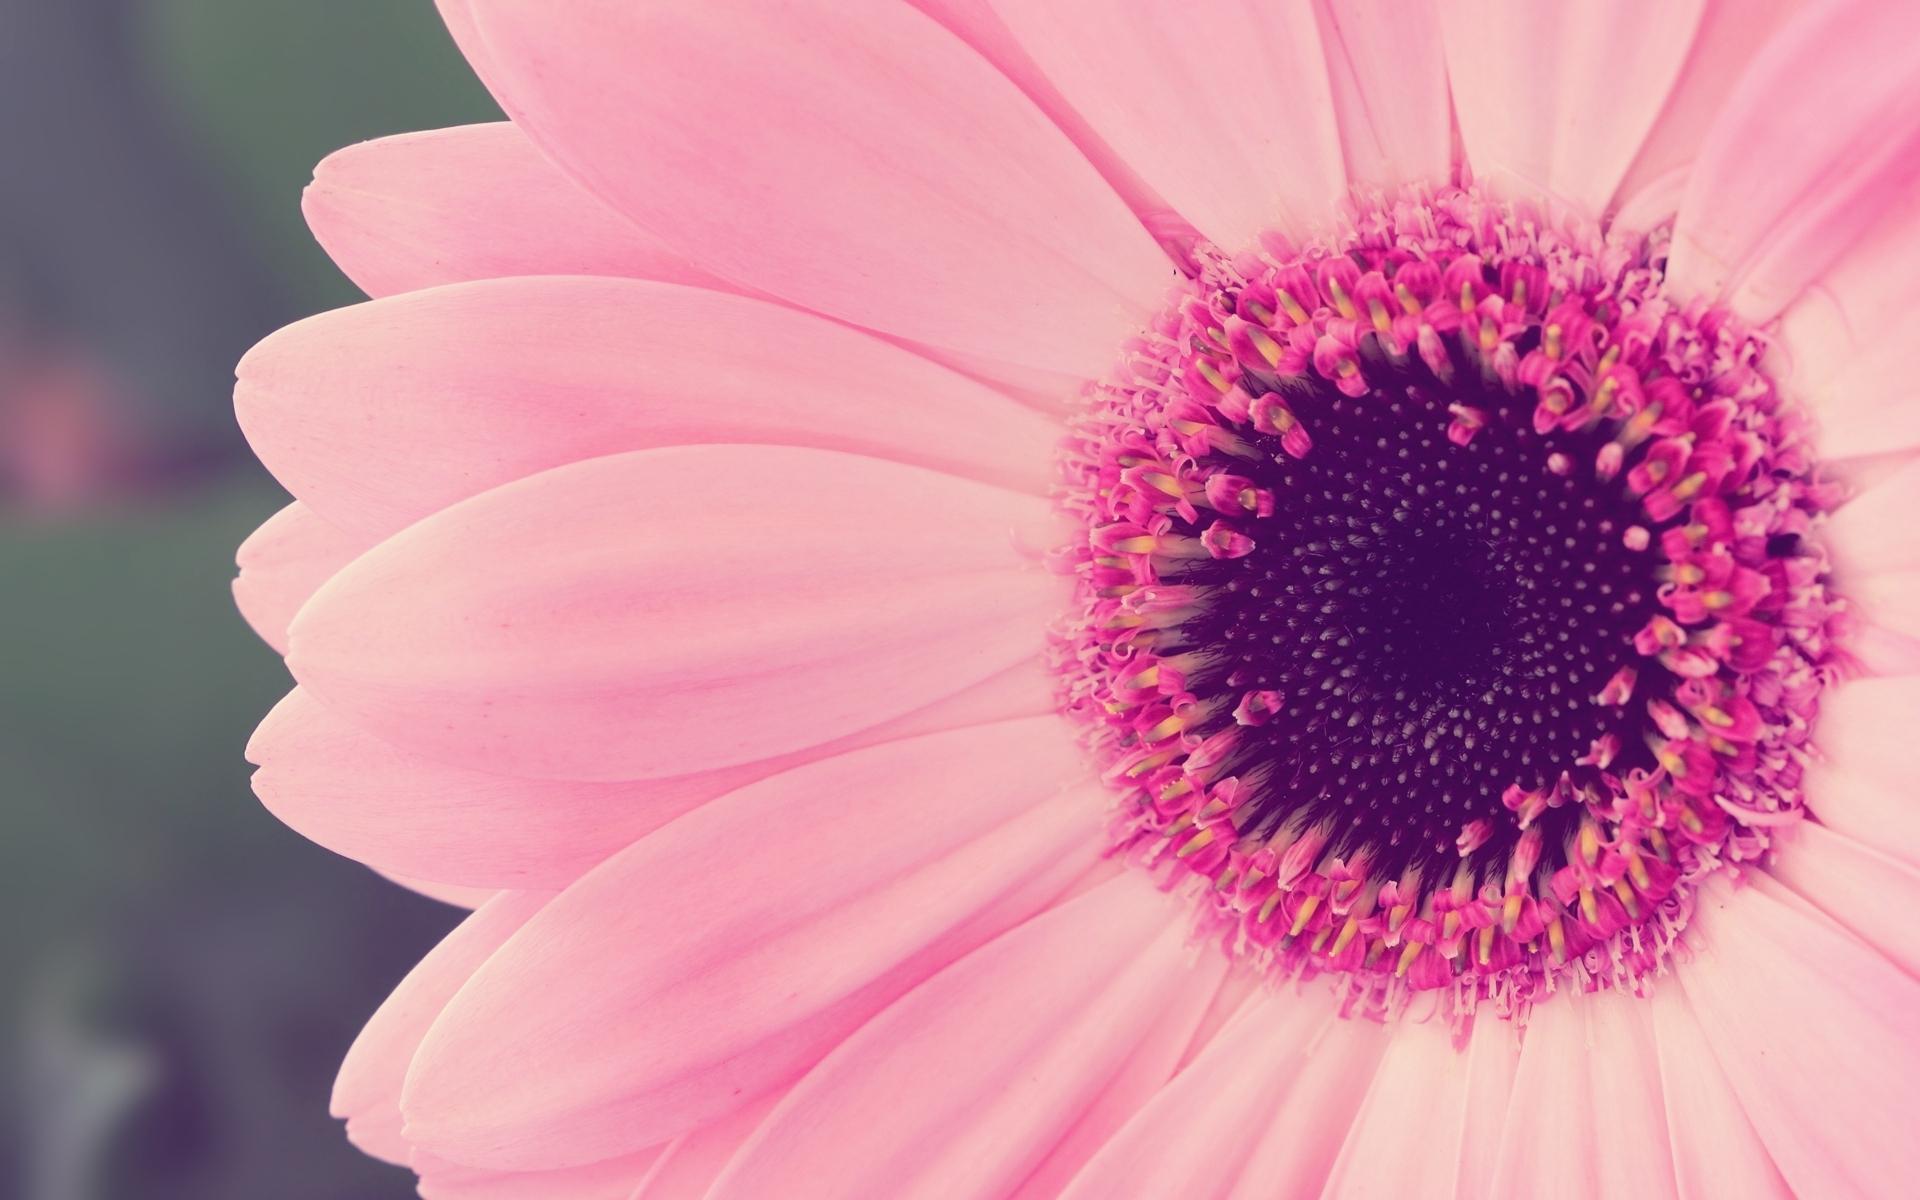 pink flower desktop wallpaper pink flower hd wallpaper pink flower 1920x1200